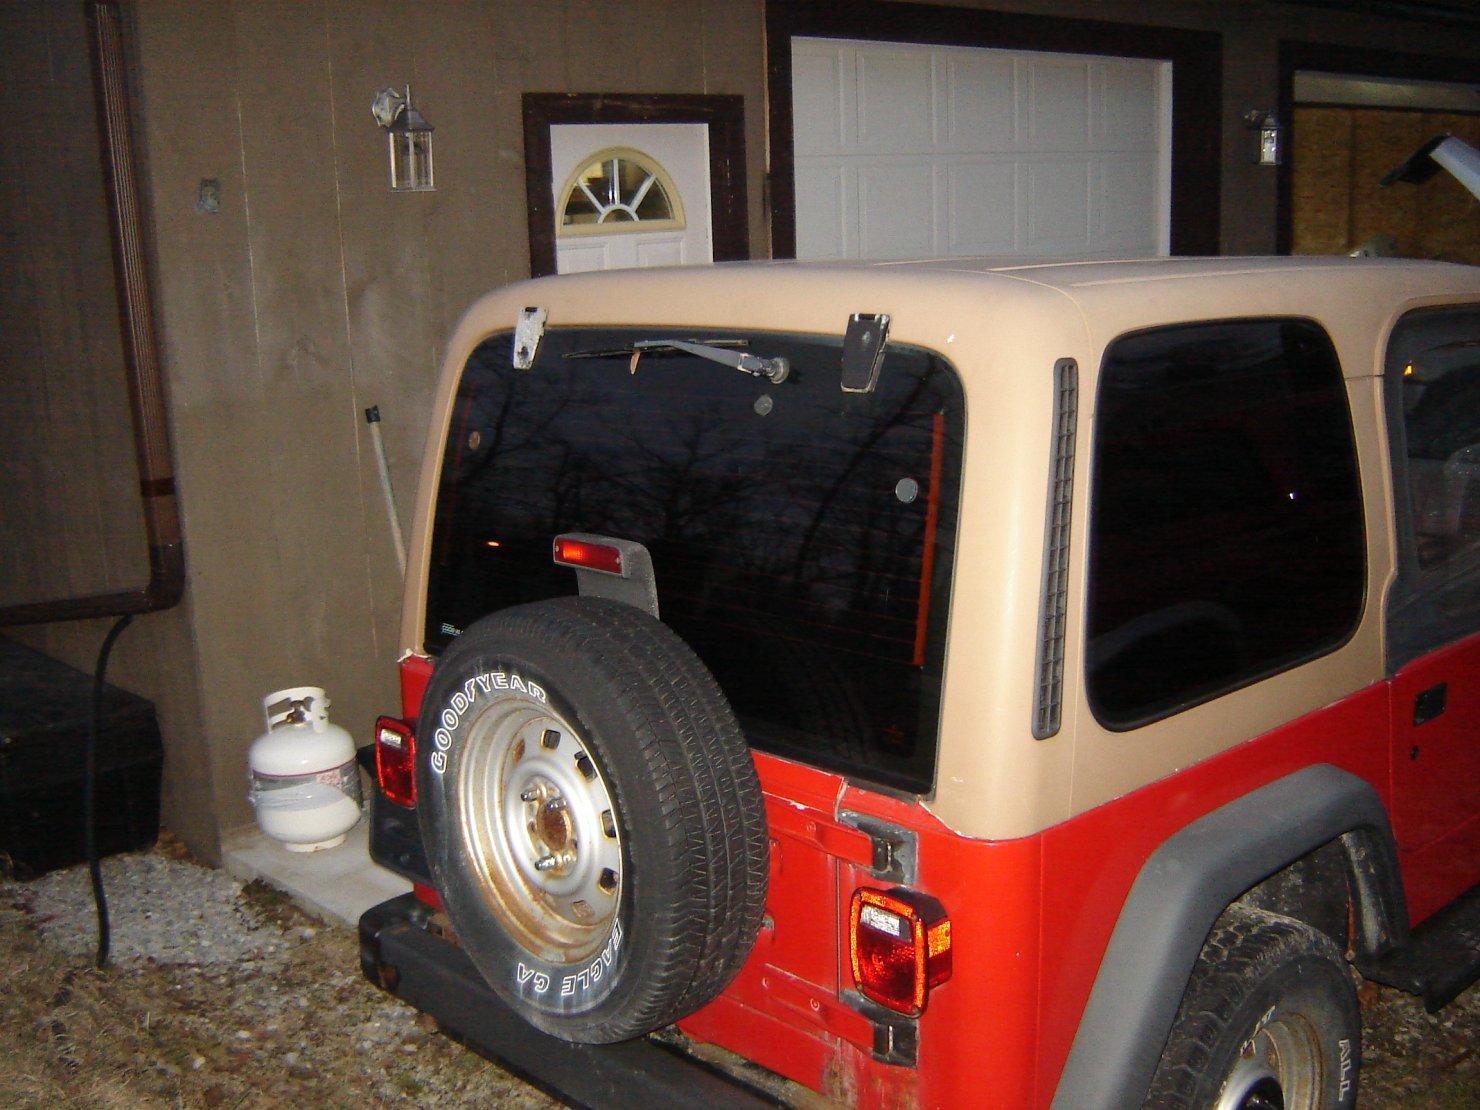 farrens-jeep-tj-002.jpg